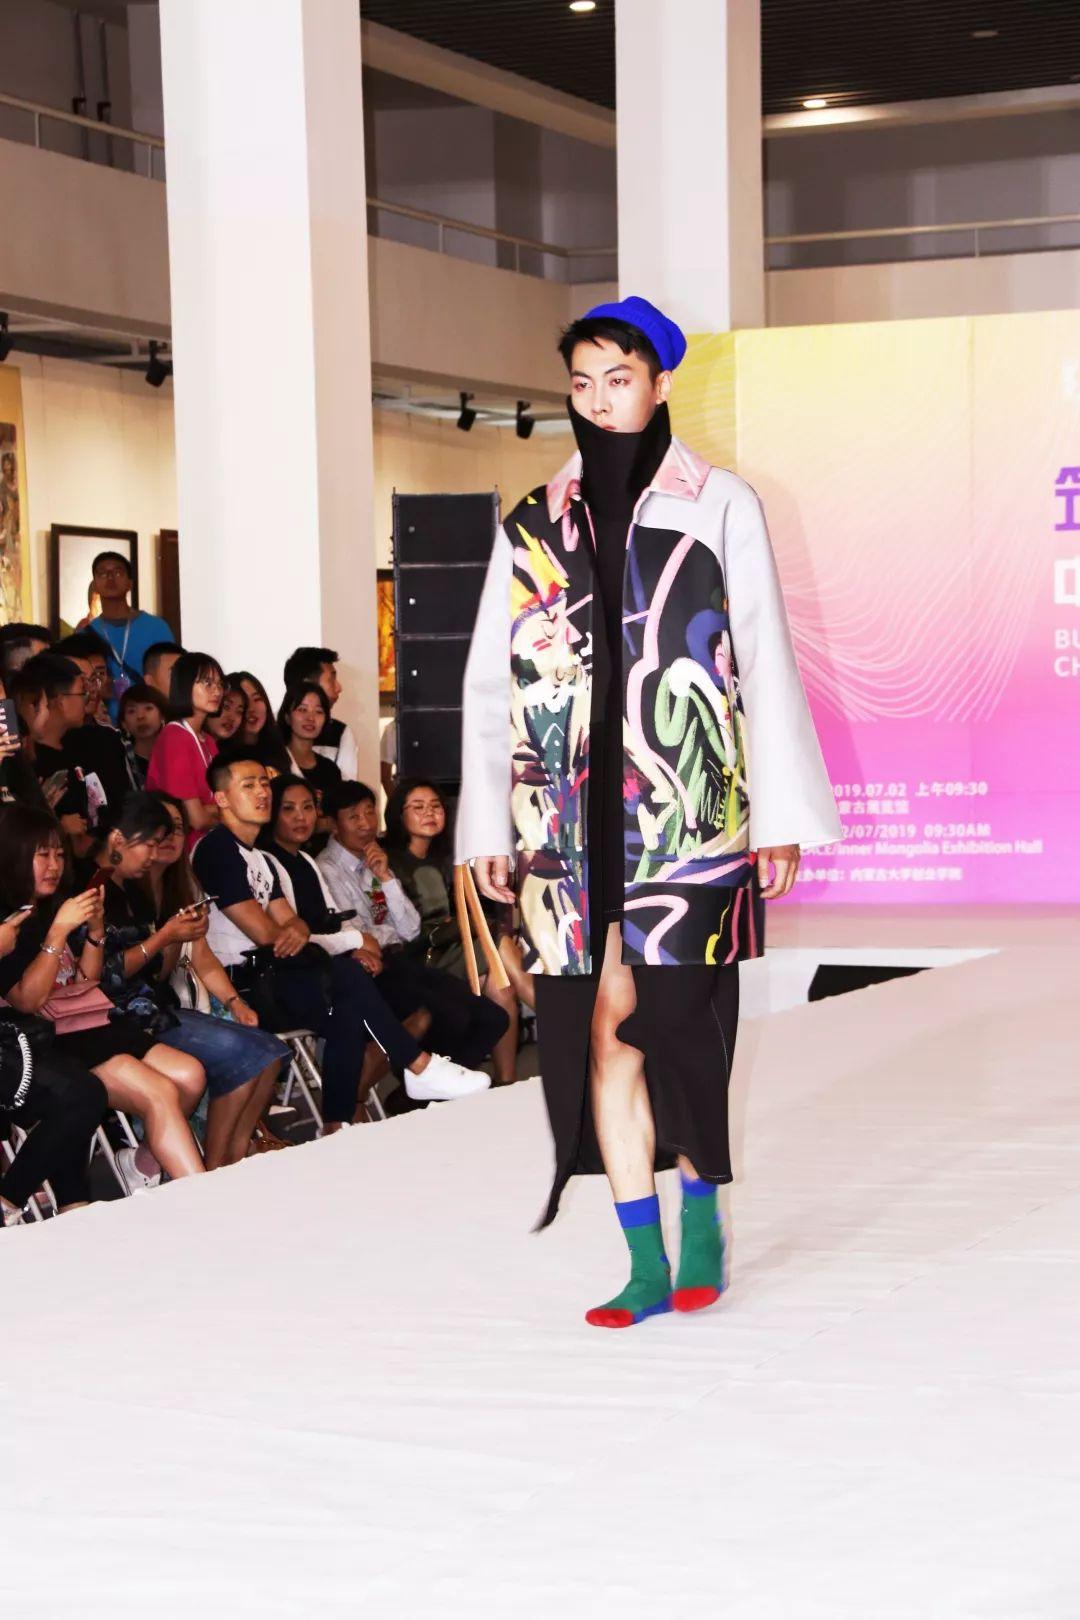 内蒙古大学创业学院与蒙古国高校联合举办设计艺术展 第4张